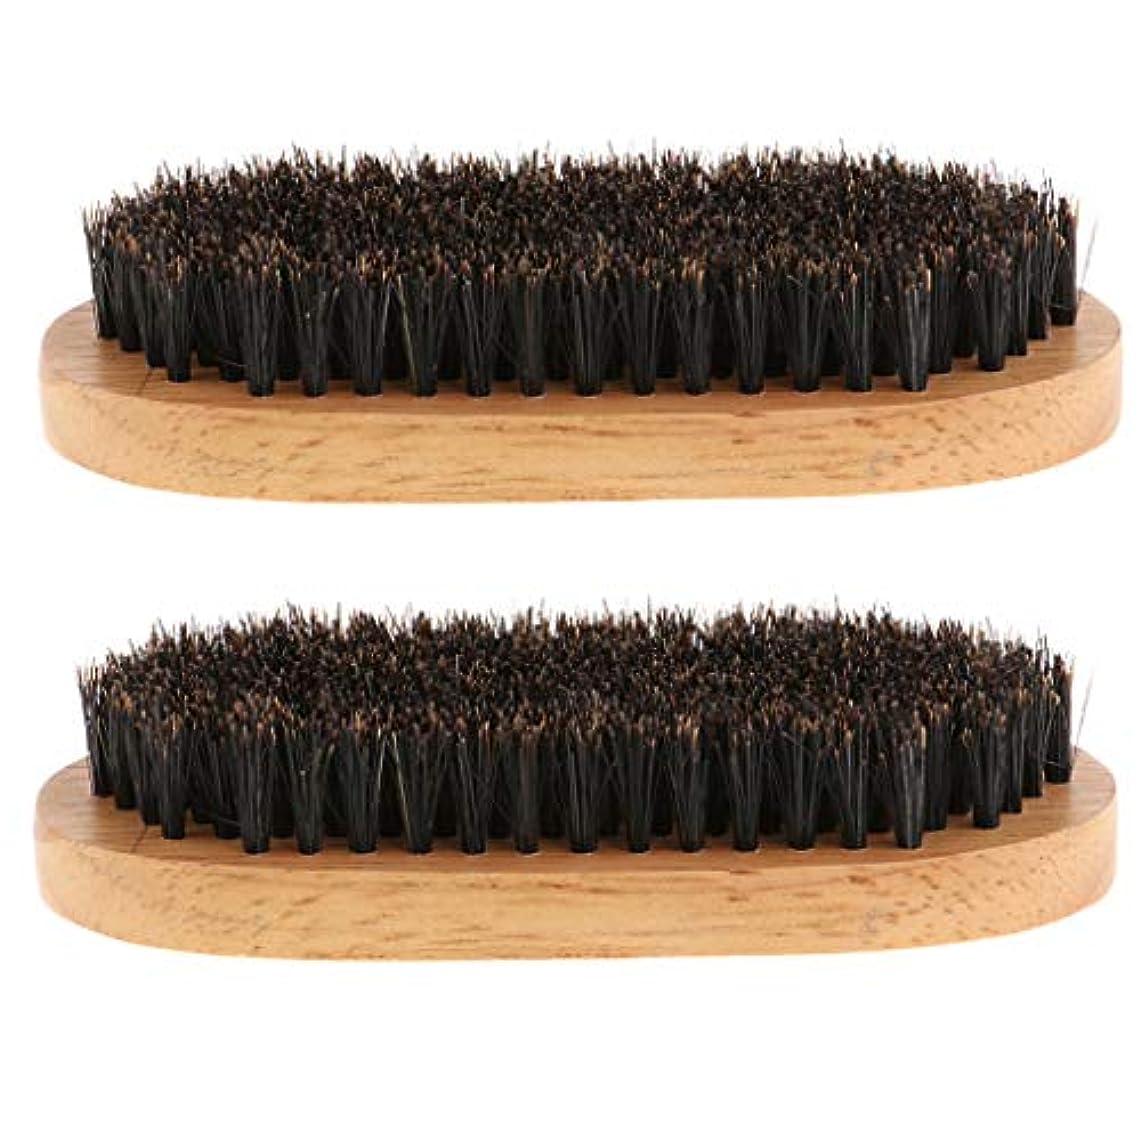 あいまいな枯渇する衝動dailymall ひげの世話のための2Xプレミアム木製毛ひげ口ひげブラシグルーミングツール